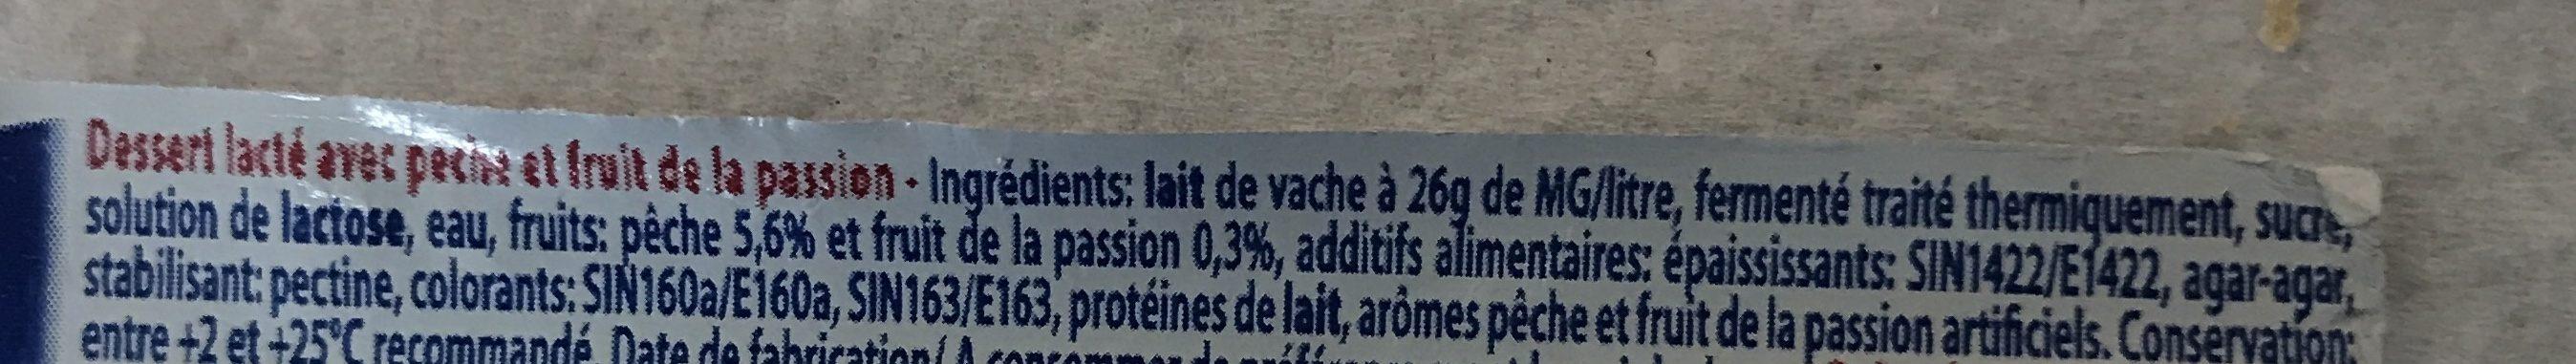 Desser lacté aux fruits stérilisé UHT - Pêches Passion - Ingrediënten - fr